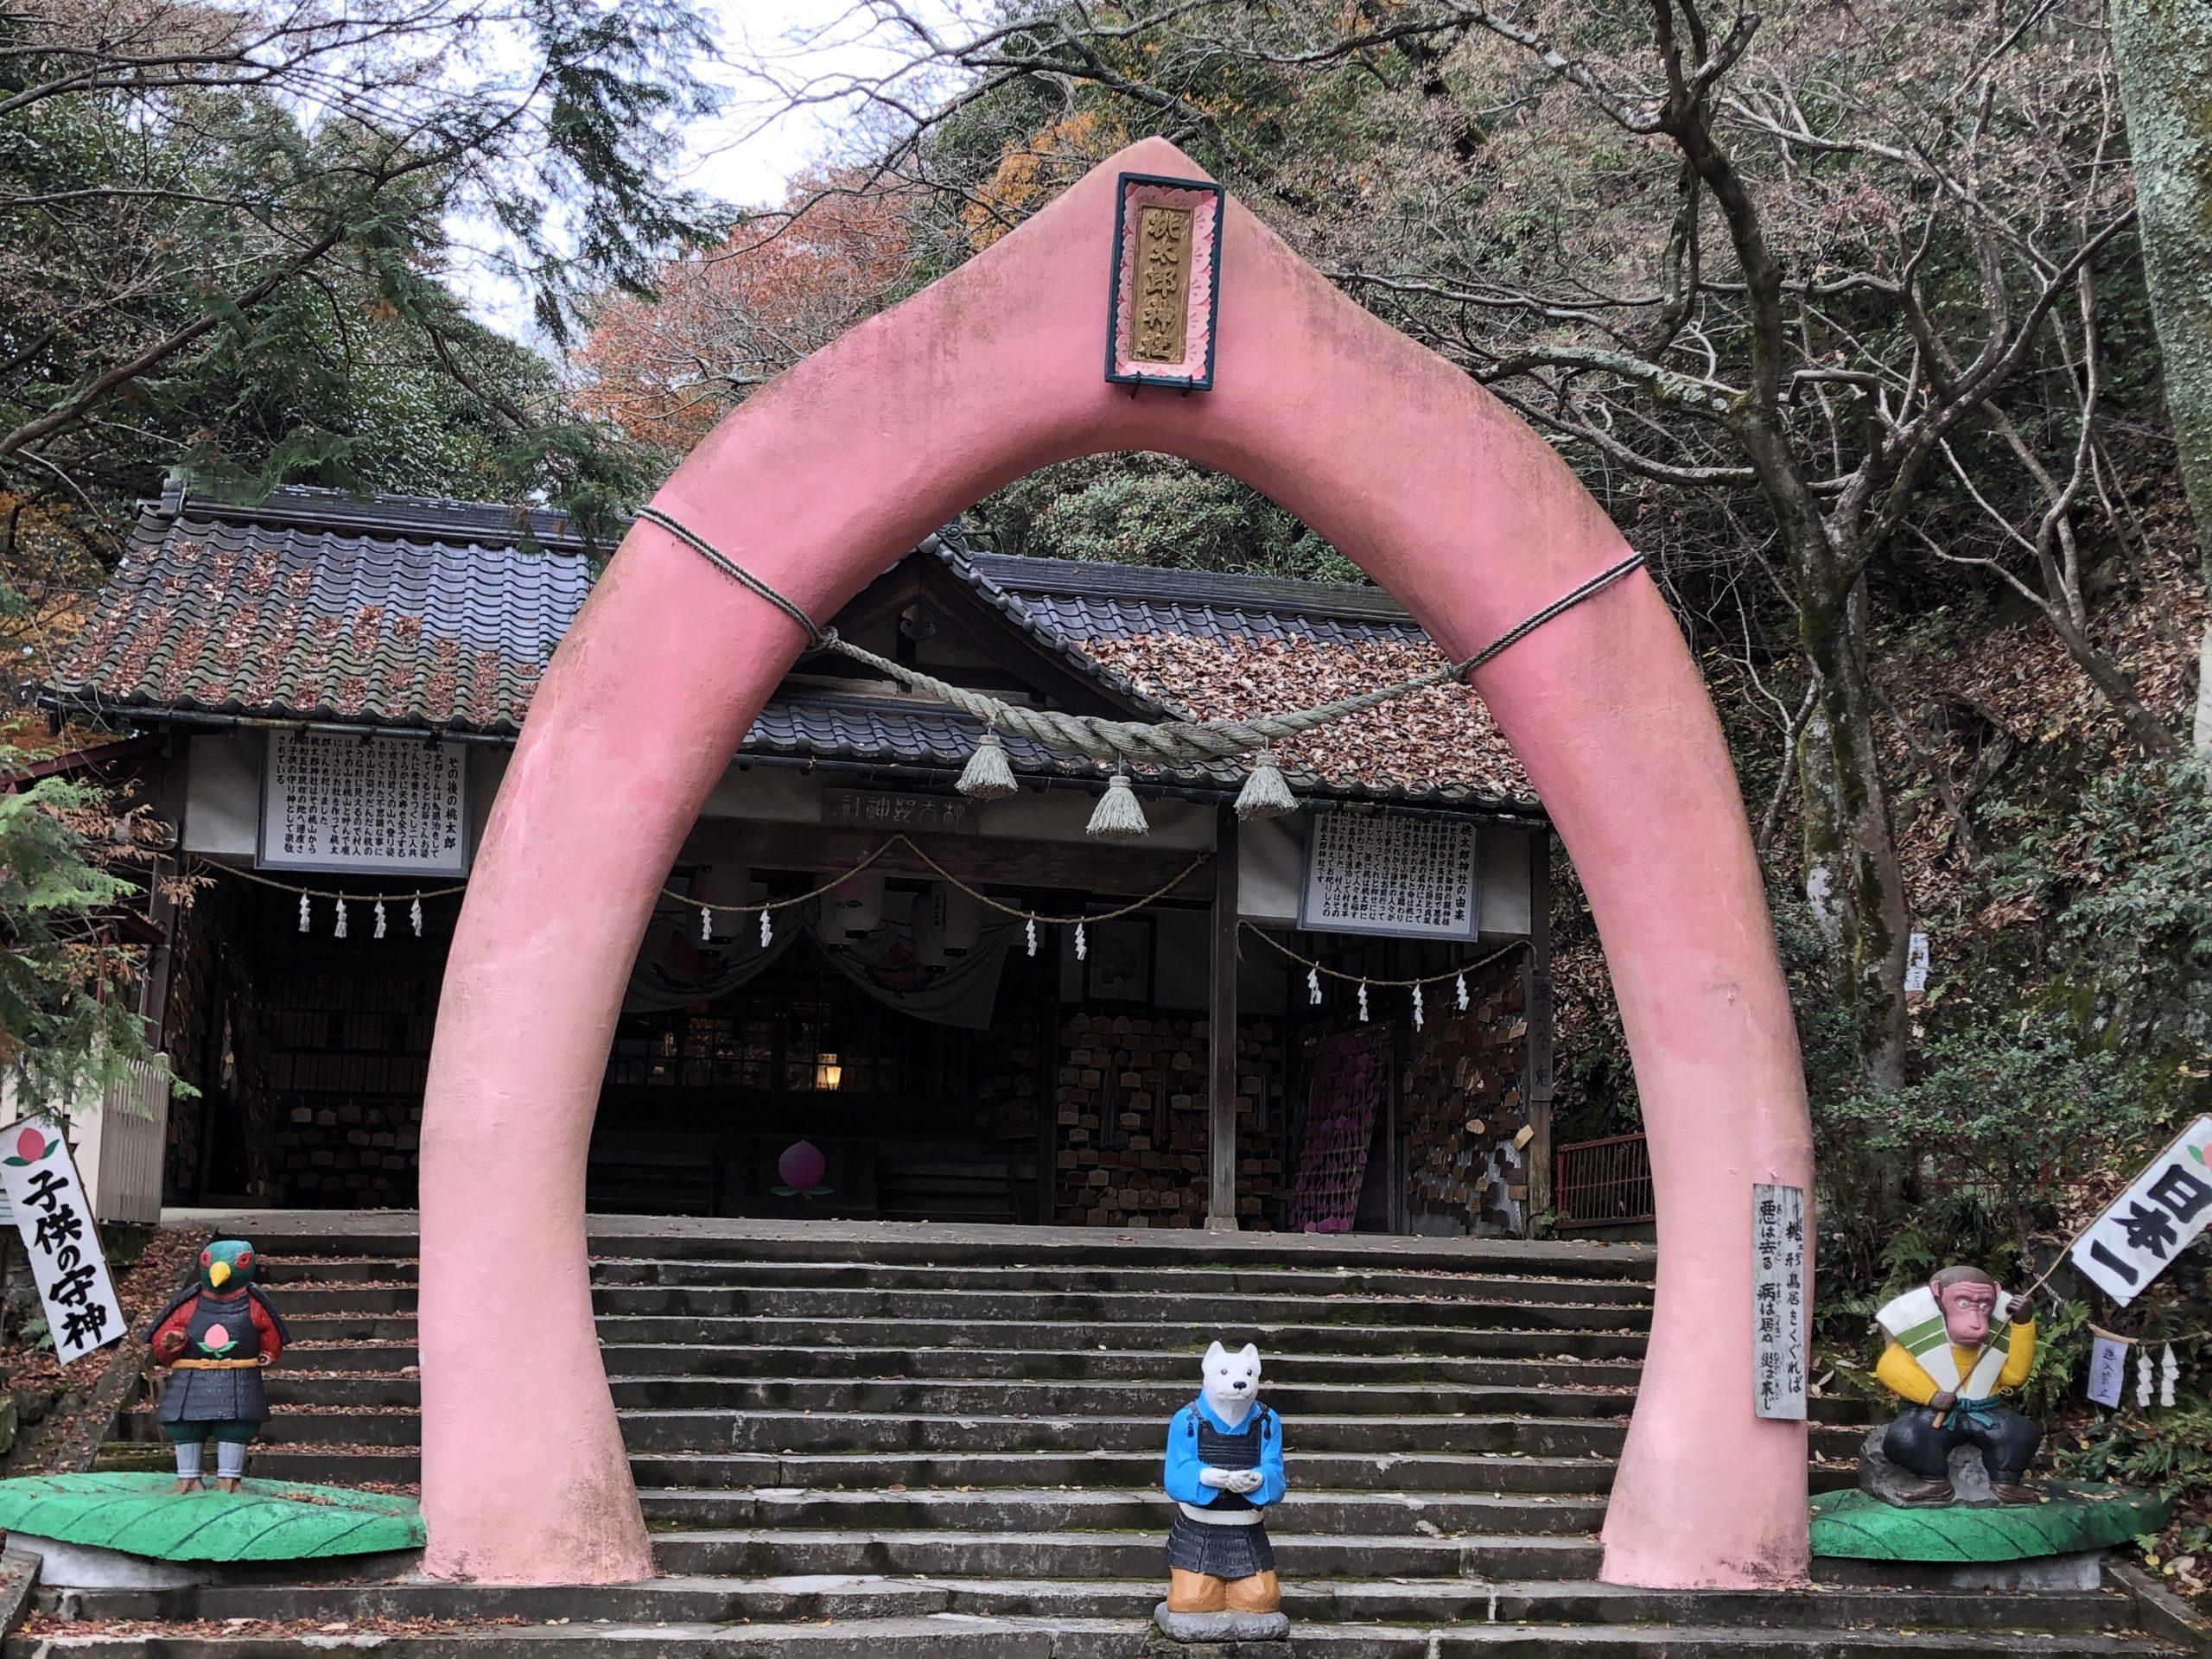 桃太郎神社の桃型の鳥居